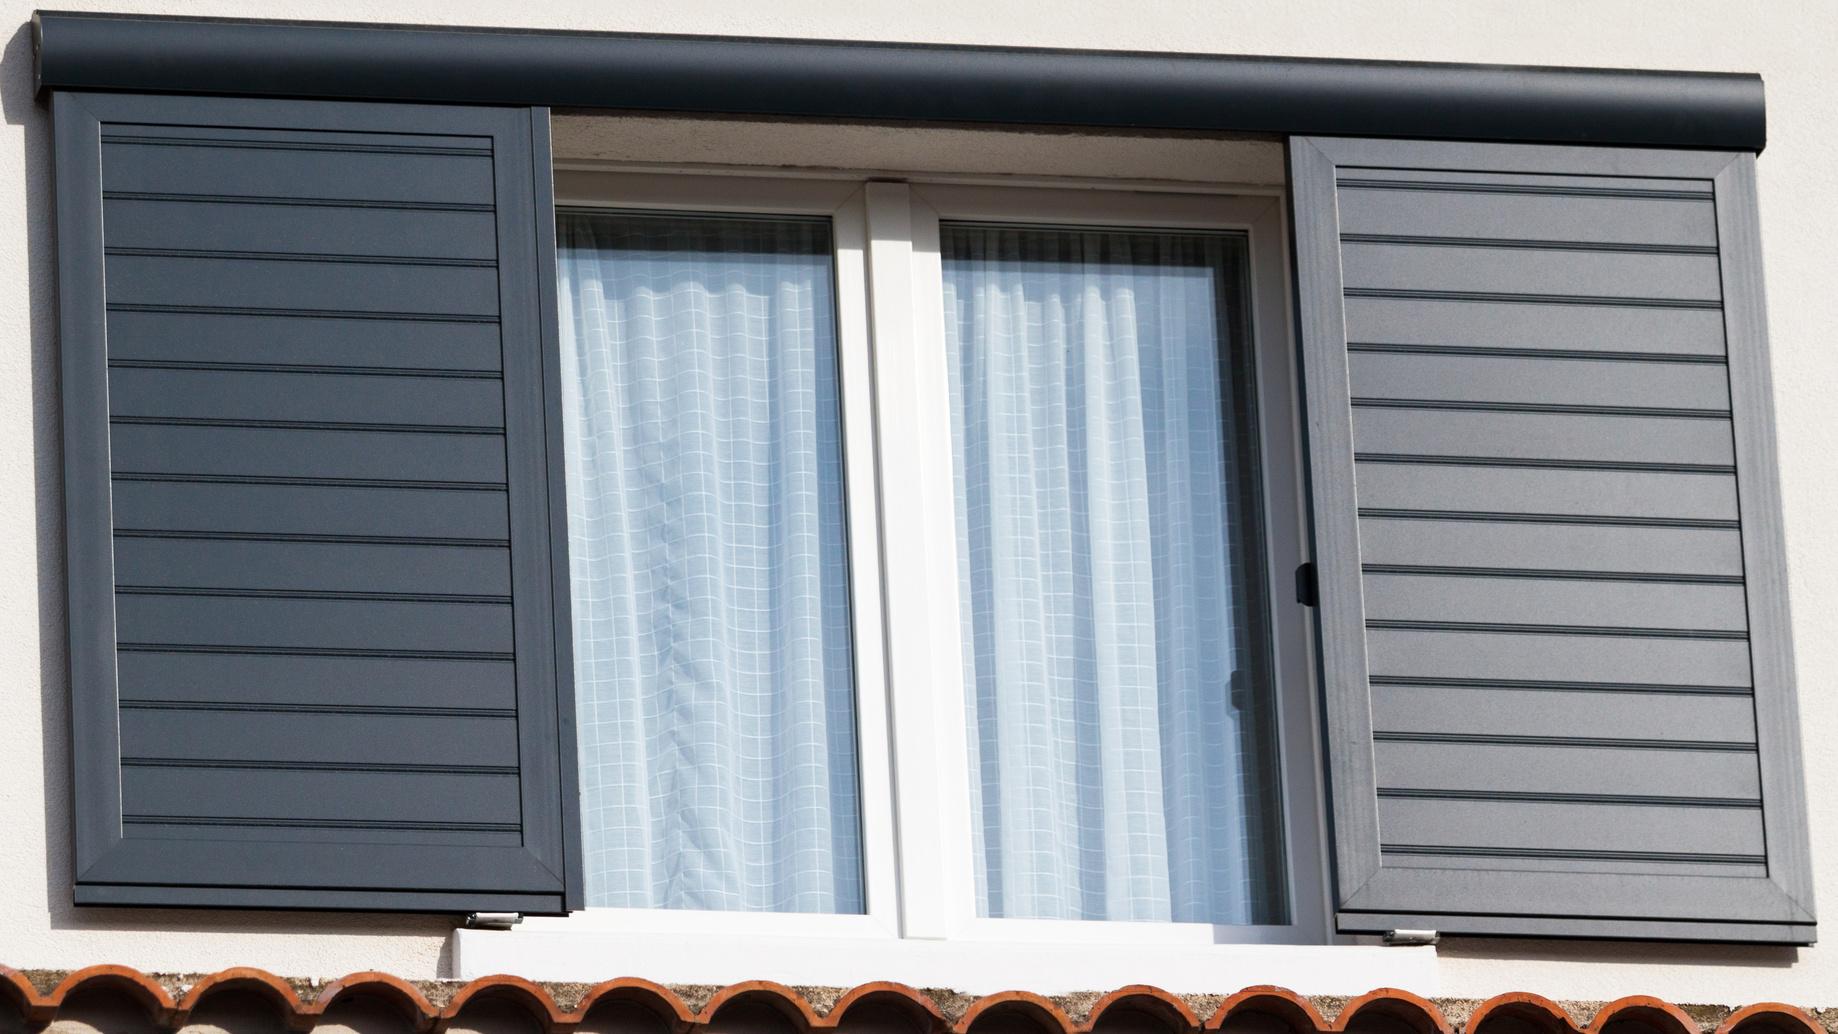 Fenêtre et volets Aluminium article blog Vue d'ici